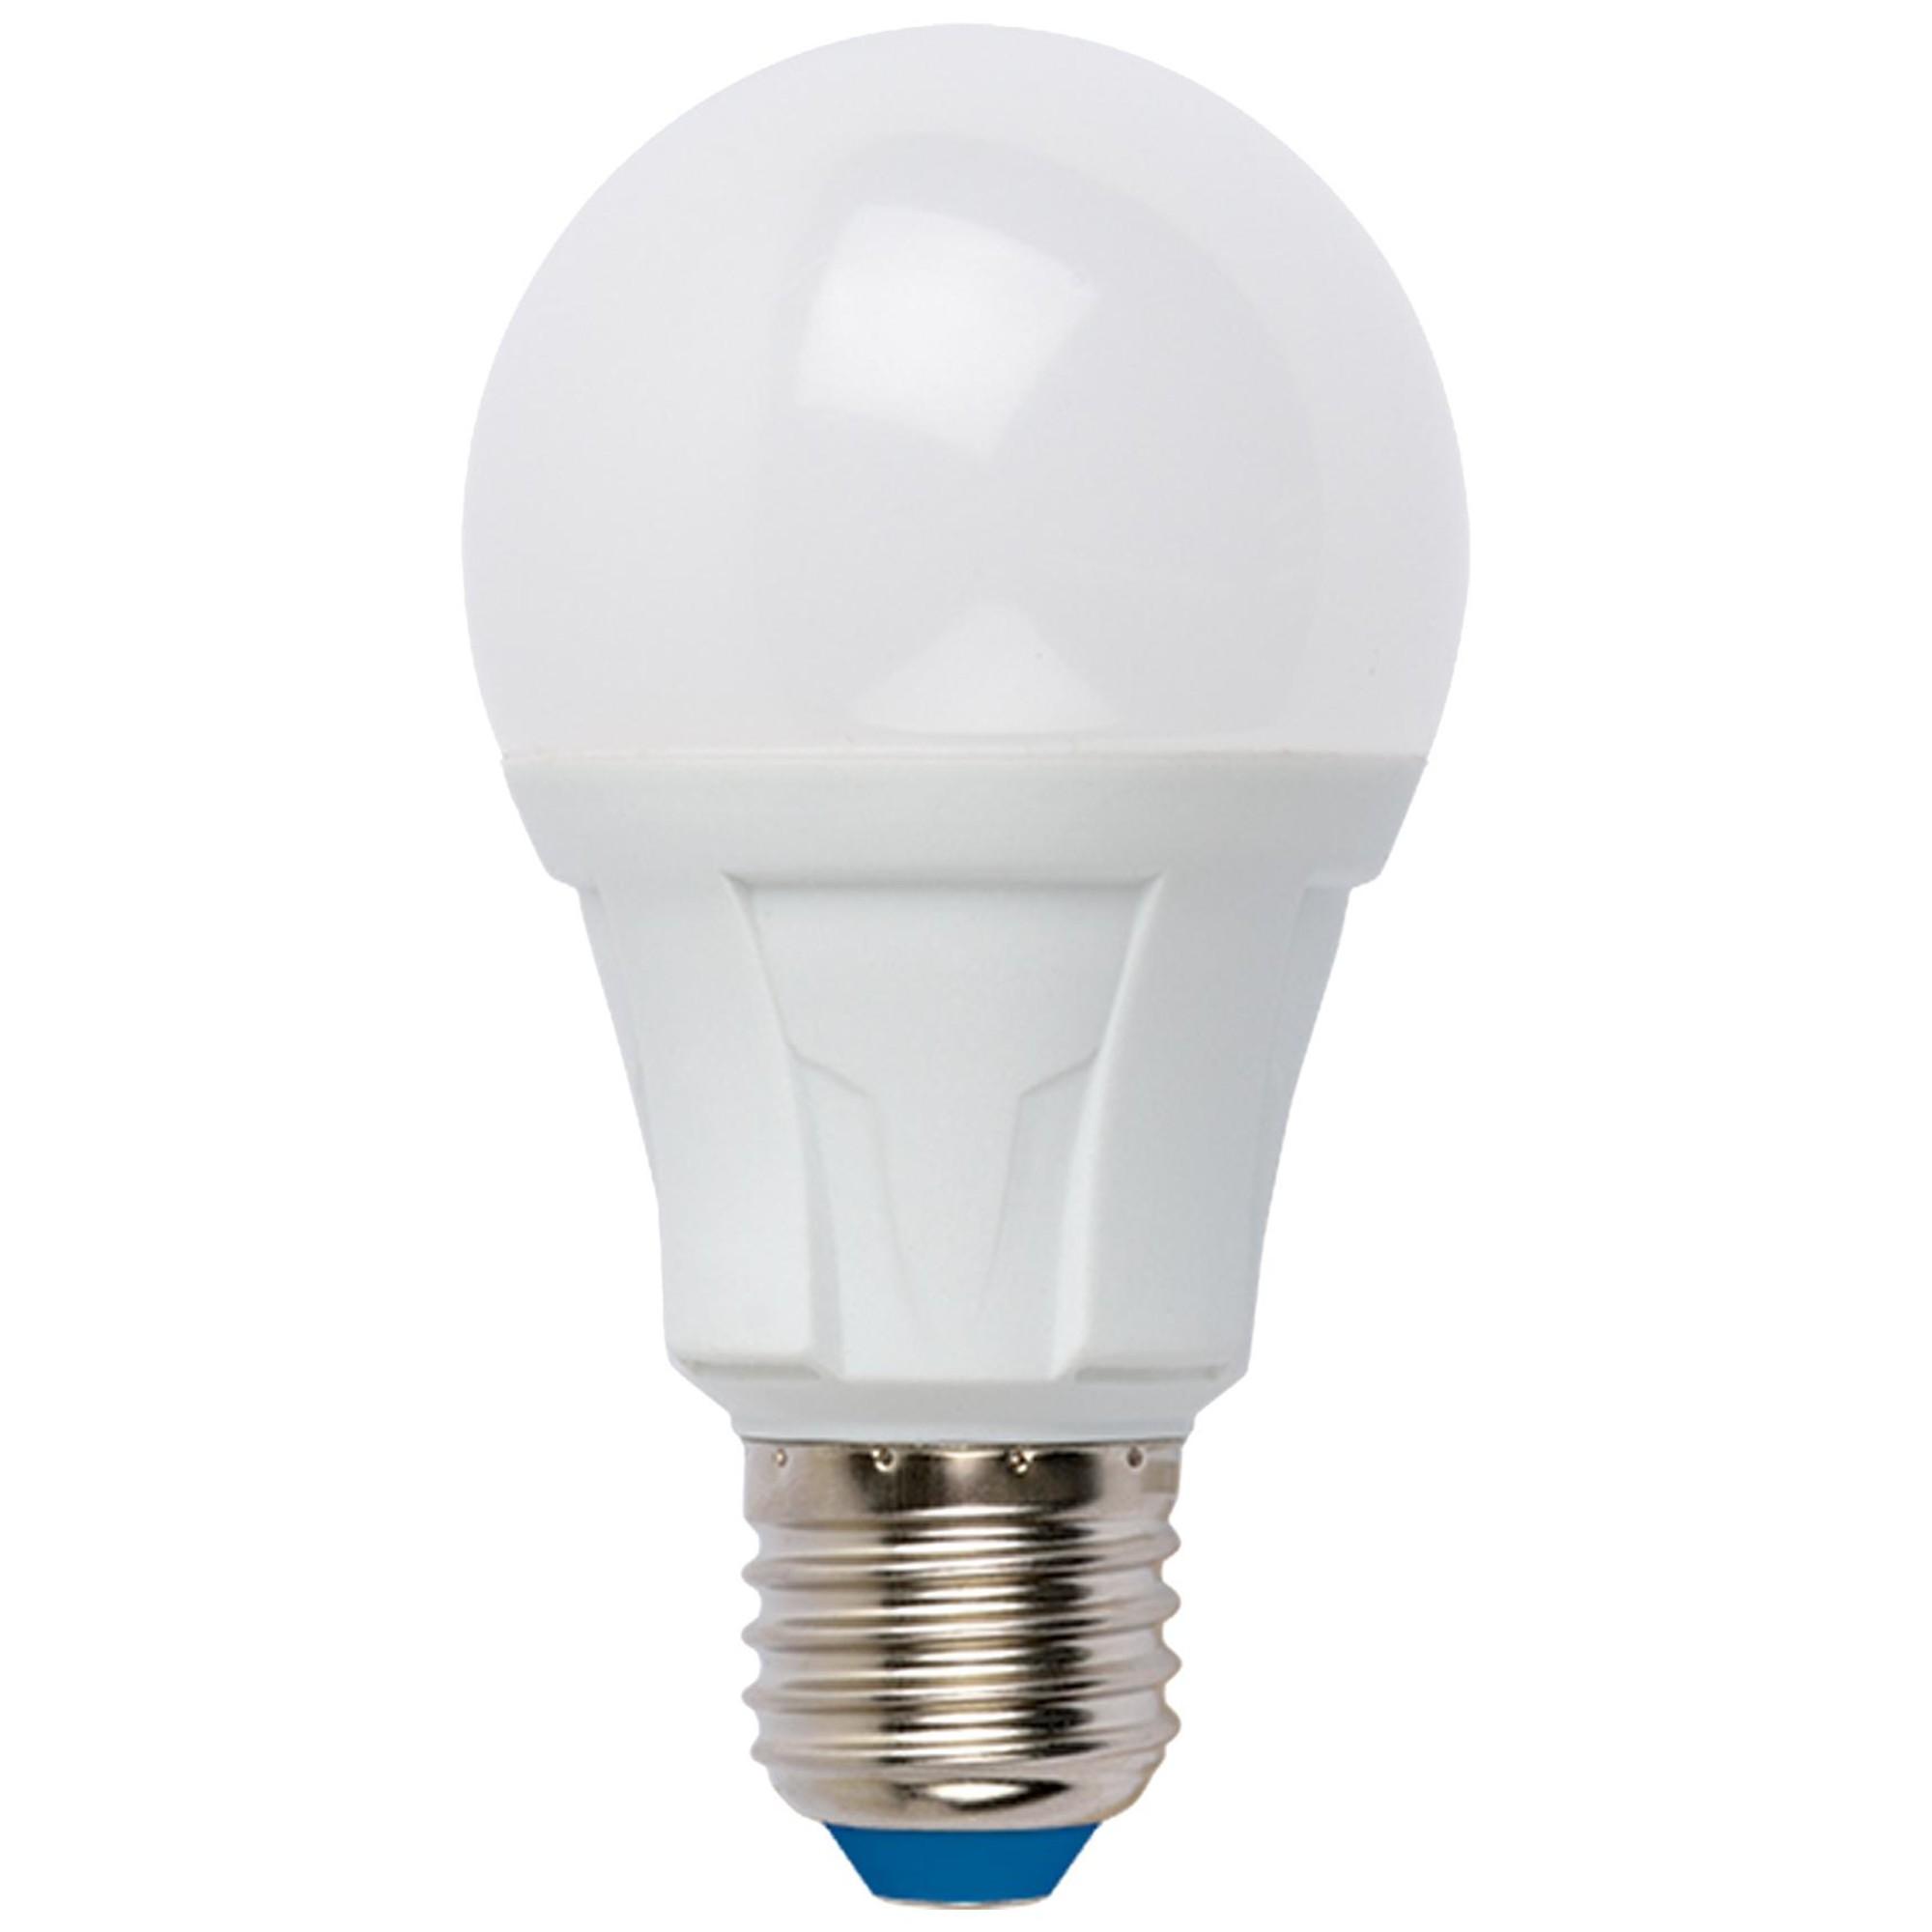 Лампа светодиодная Uniel Яркая E27 груша 850 Лм 10 Вт холодный белый (голубой)